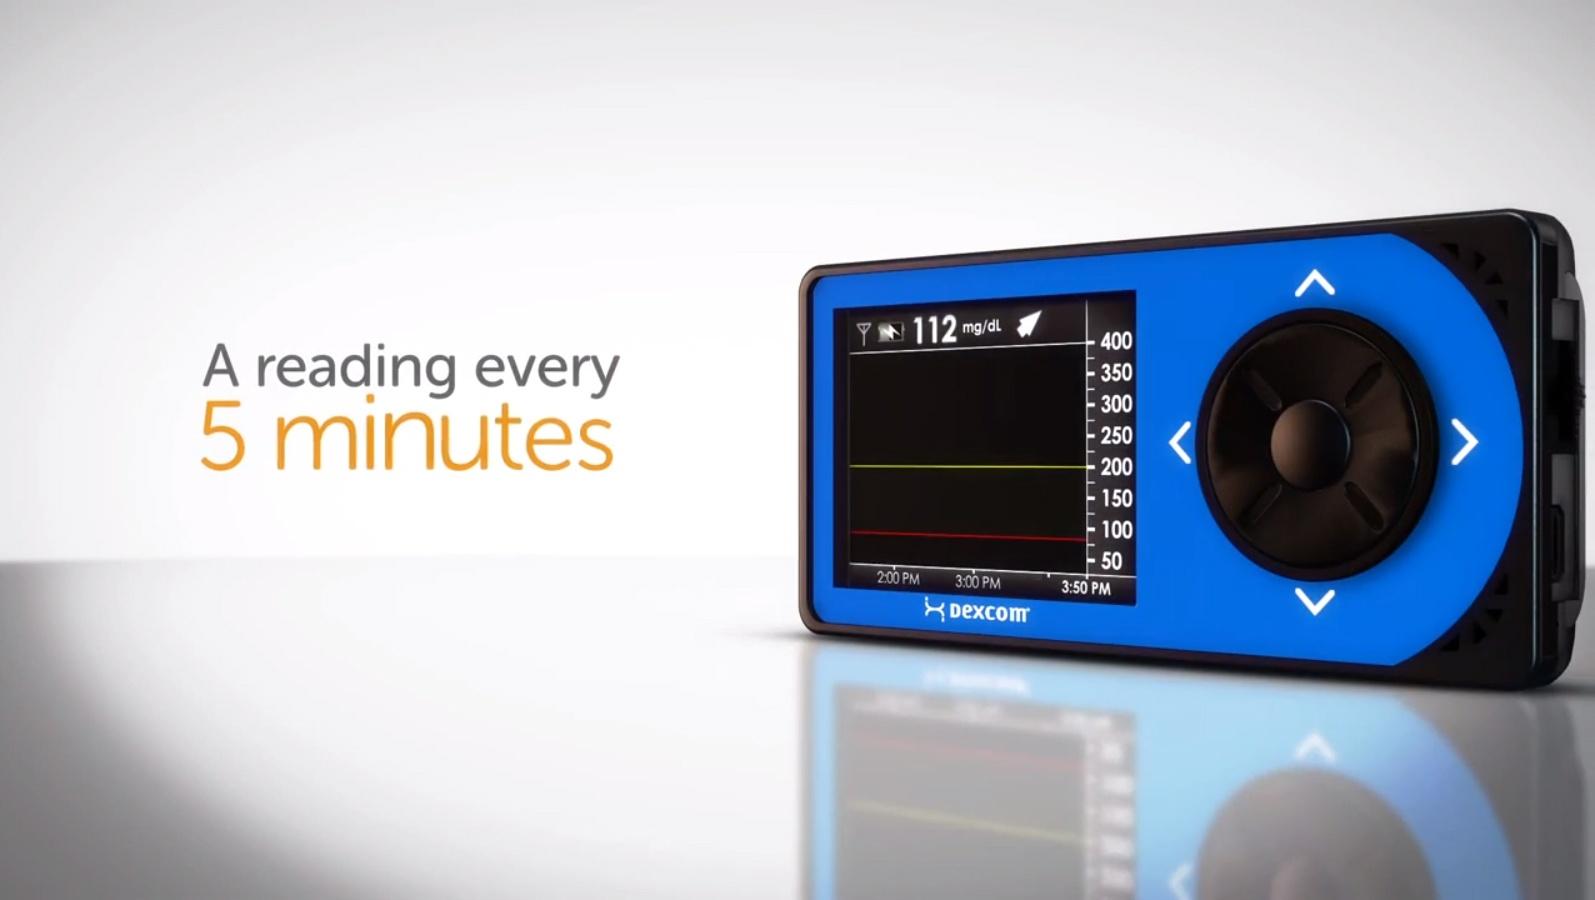 Google создаст миниатюрный глюкометр для перманентного мониторинга уровня сахара в крови пациента - 3